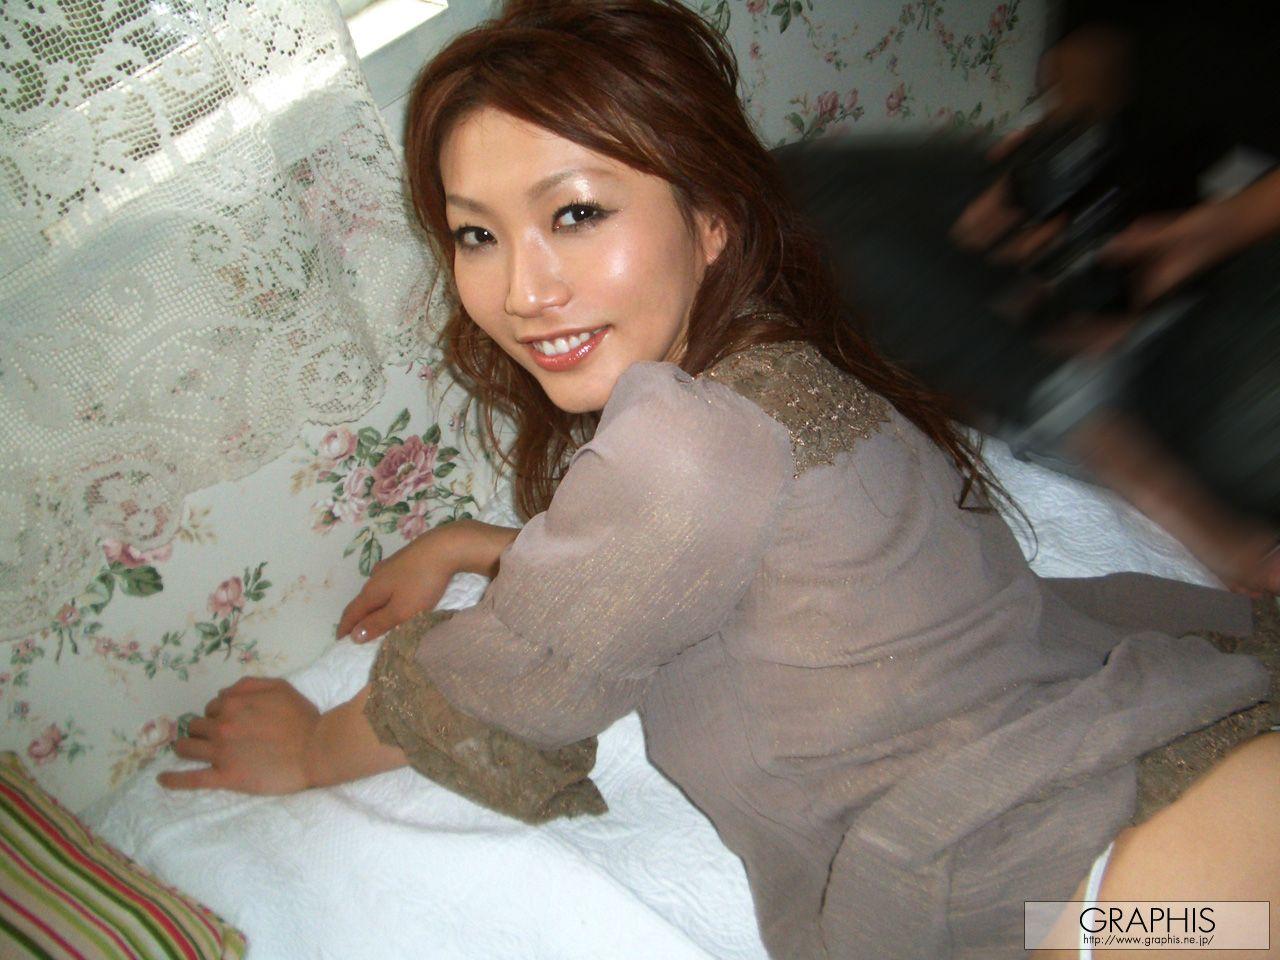 春風えみ エロ画像 No.100